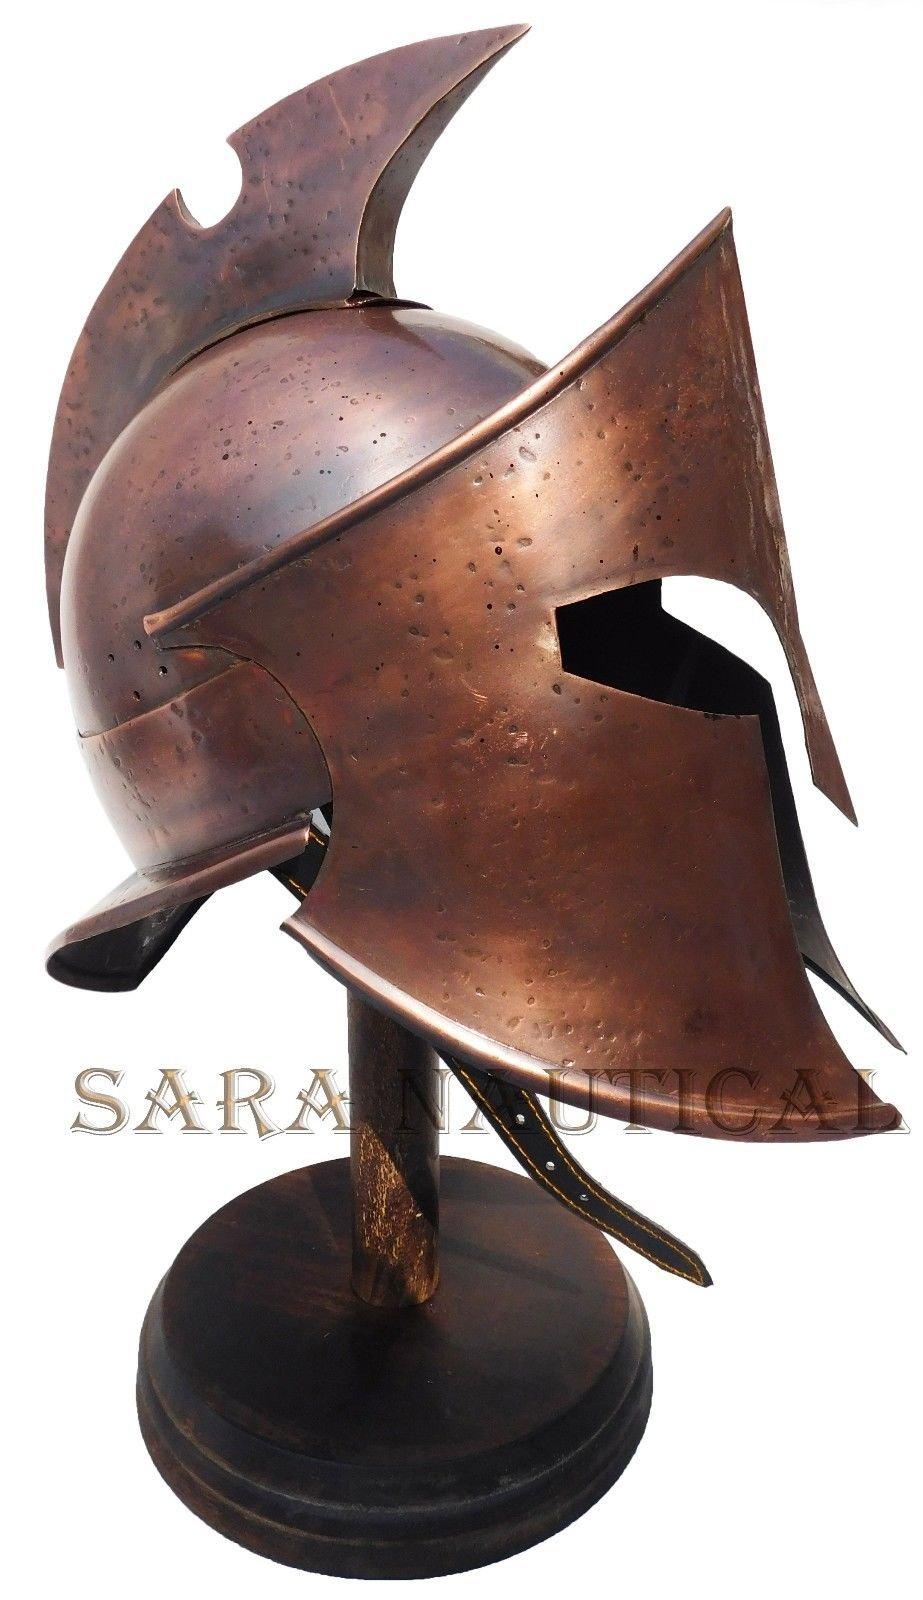 All Metal 300 Spartan Helmet Metal Collectible Decorative Antique Item Halloween Helmet